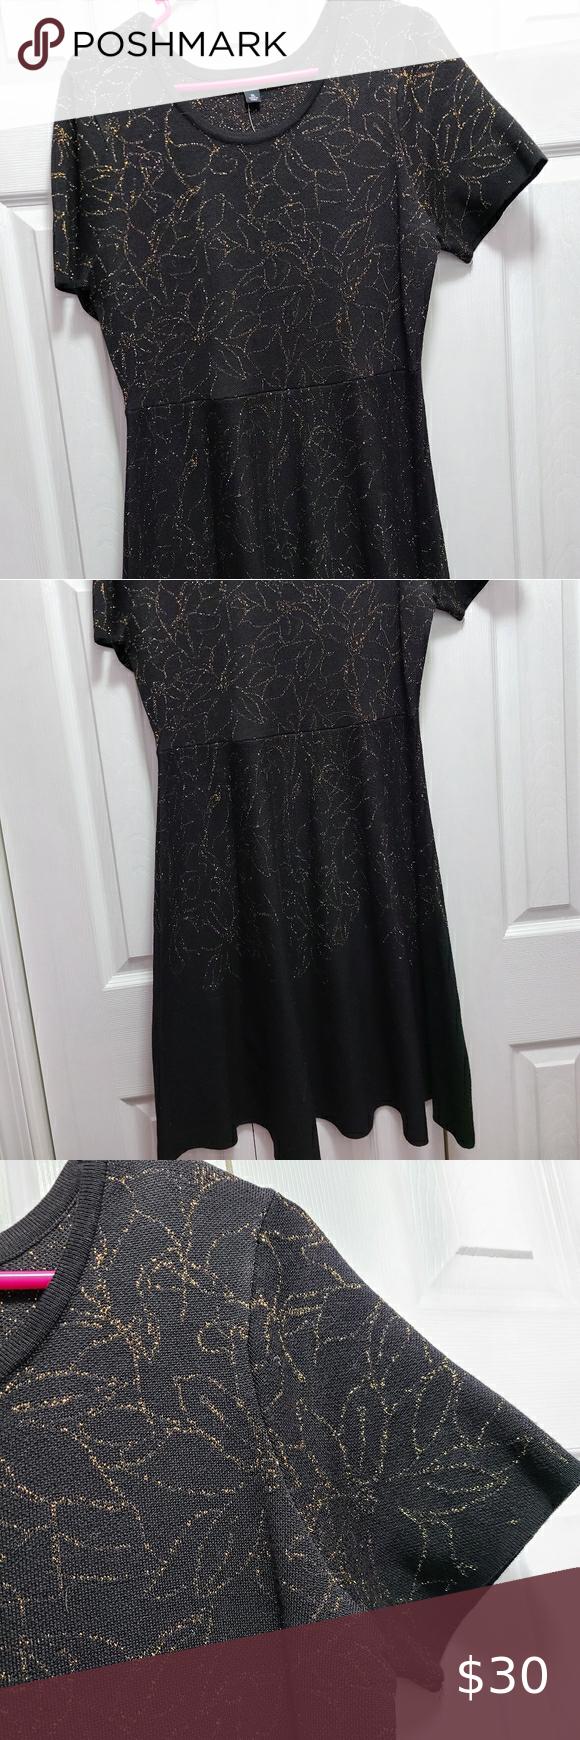 Nwt Black And Gold Dress Xl Black Sweater Dress Gold Dress Xl Dress [ 1740 x 580 Pixel ]